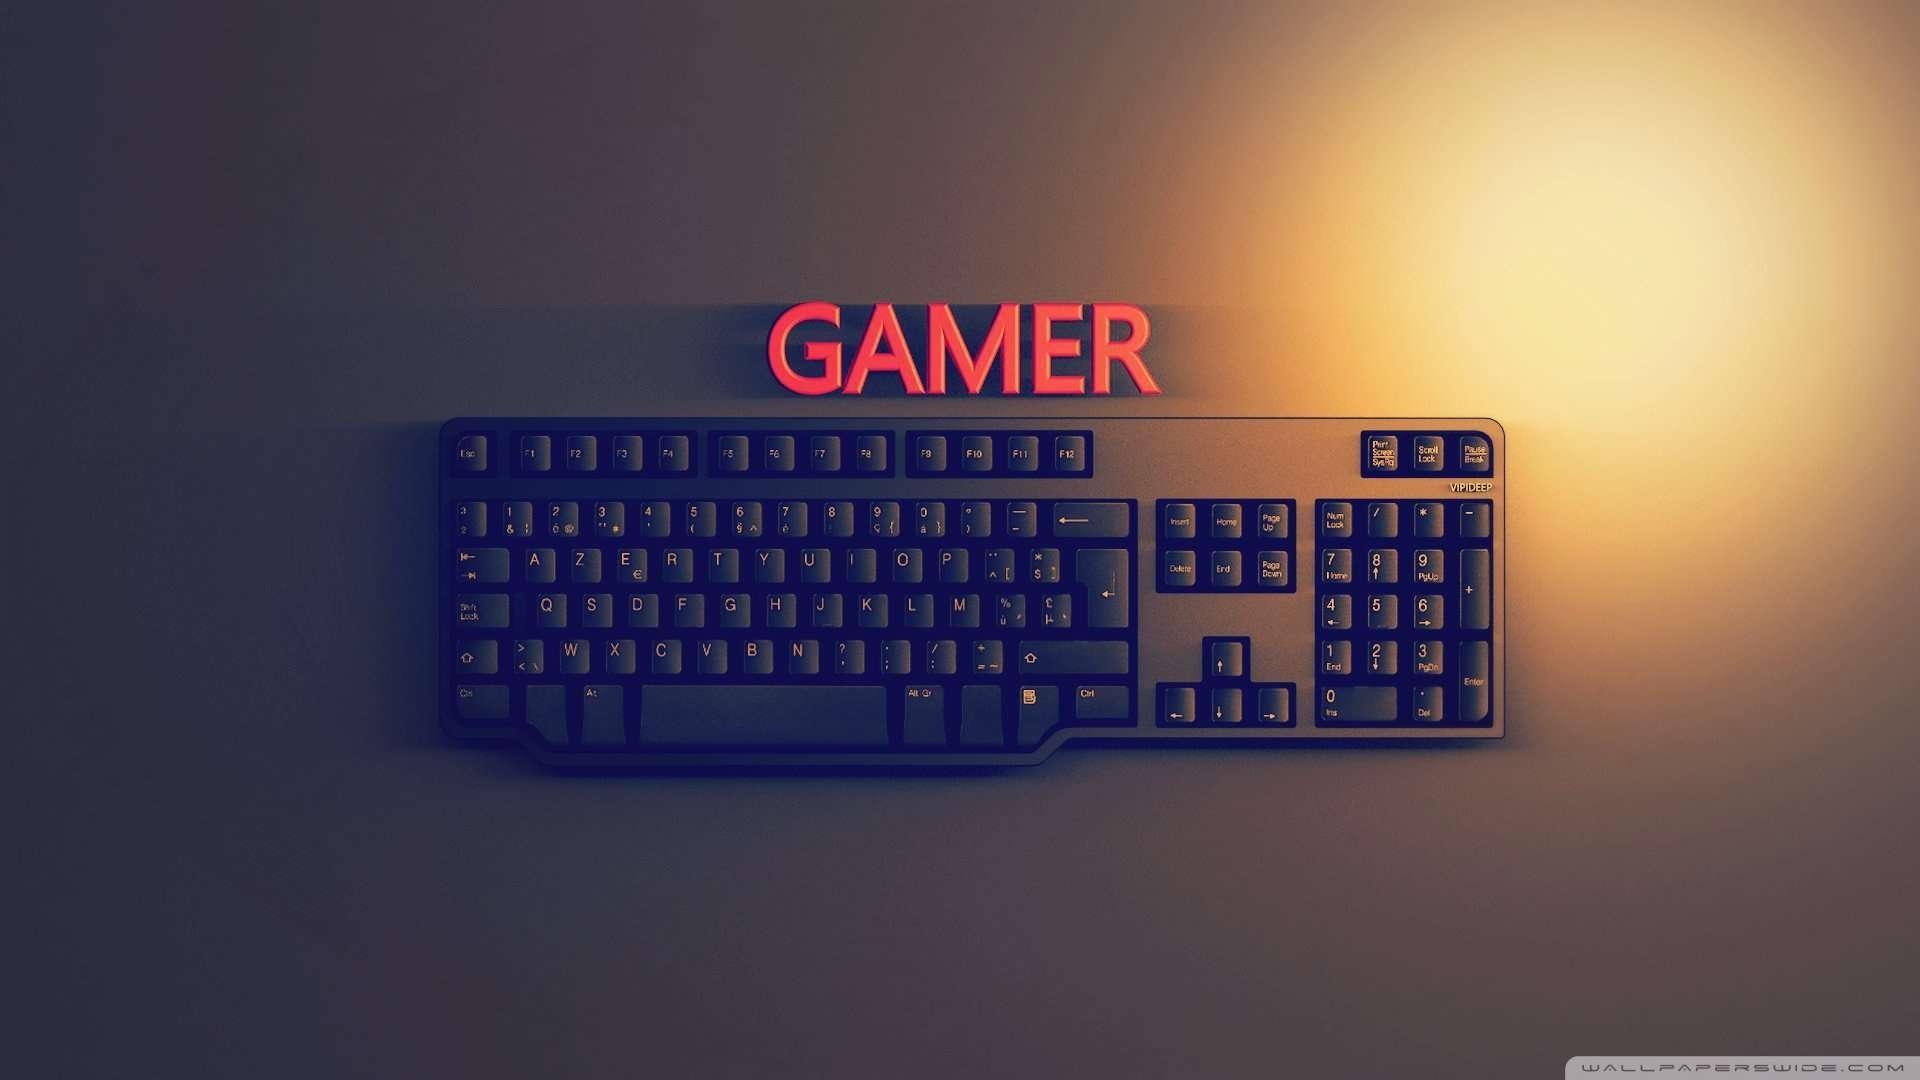 Gamer-1080p-HD-wallpaper-wp2005807